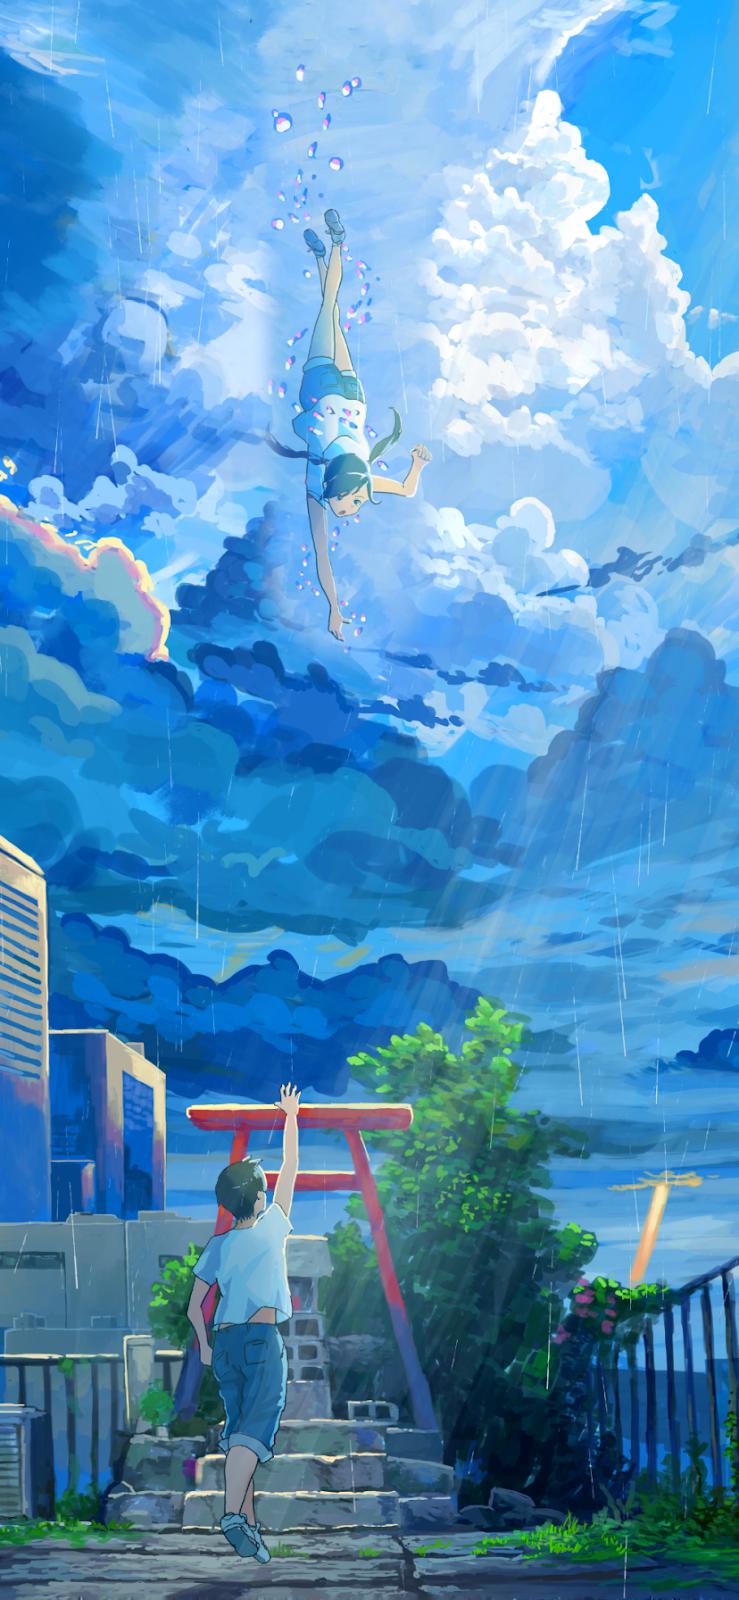 Weathering With You Hina Amano Hodaka Morishima Mobile Wallpaper In 2020 Anime Wallpaper Anime Wallpaper Iphone Anime Scenery Wallpaper